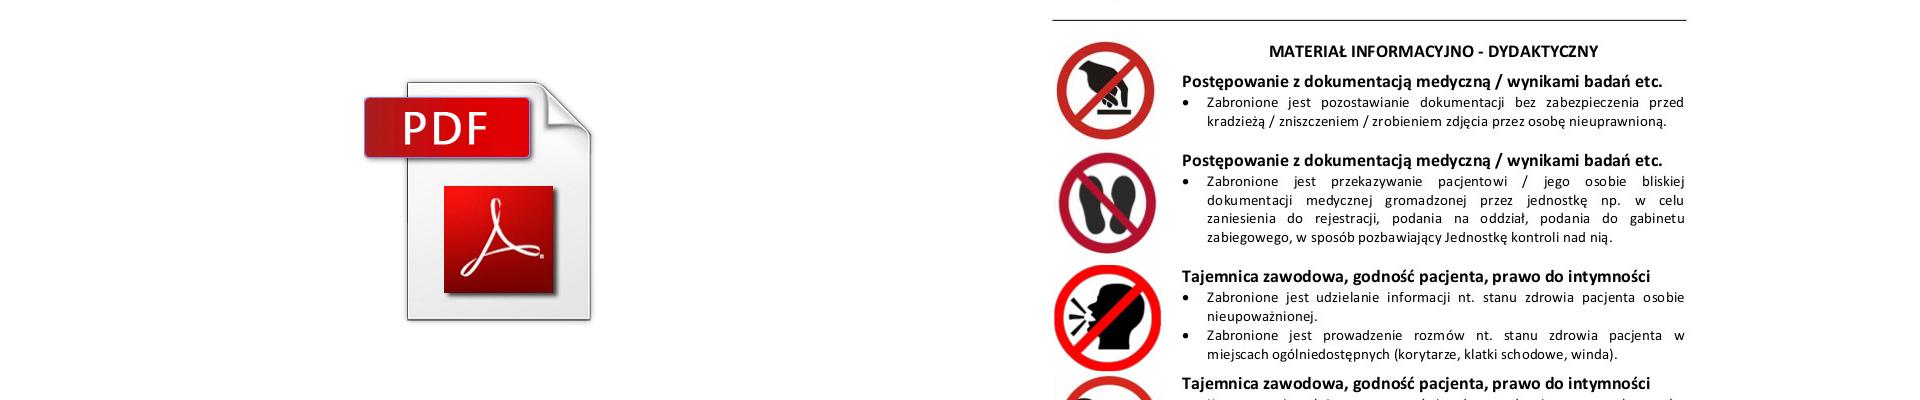 Infografika zakazane praktyki